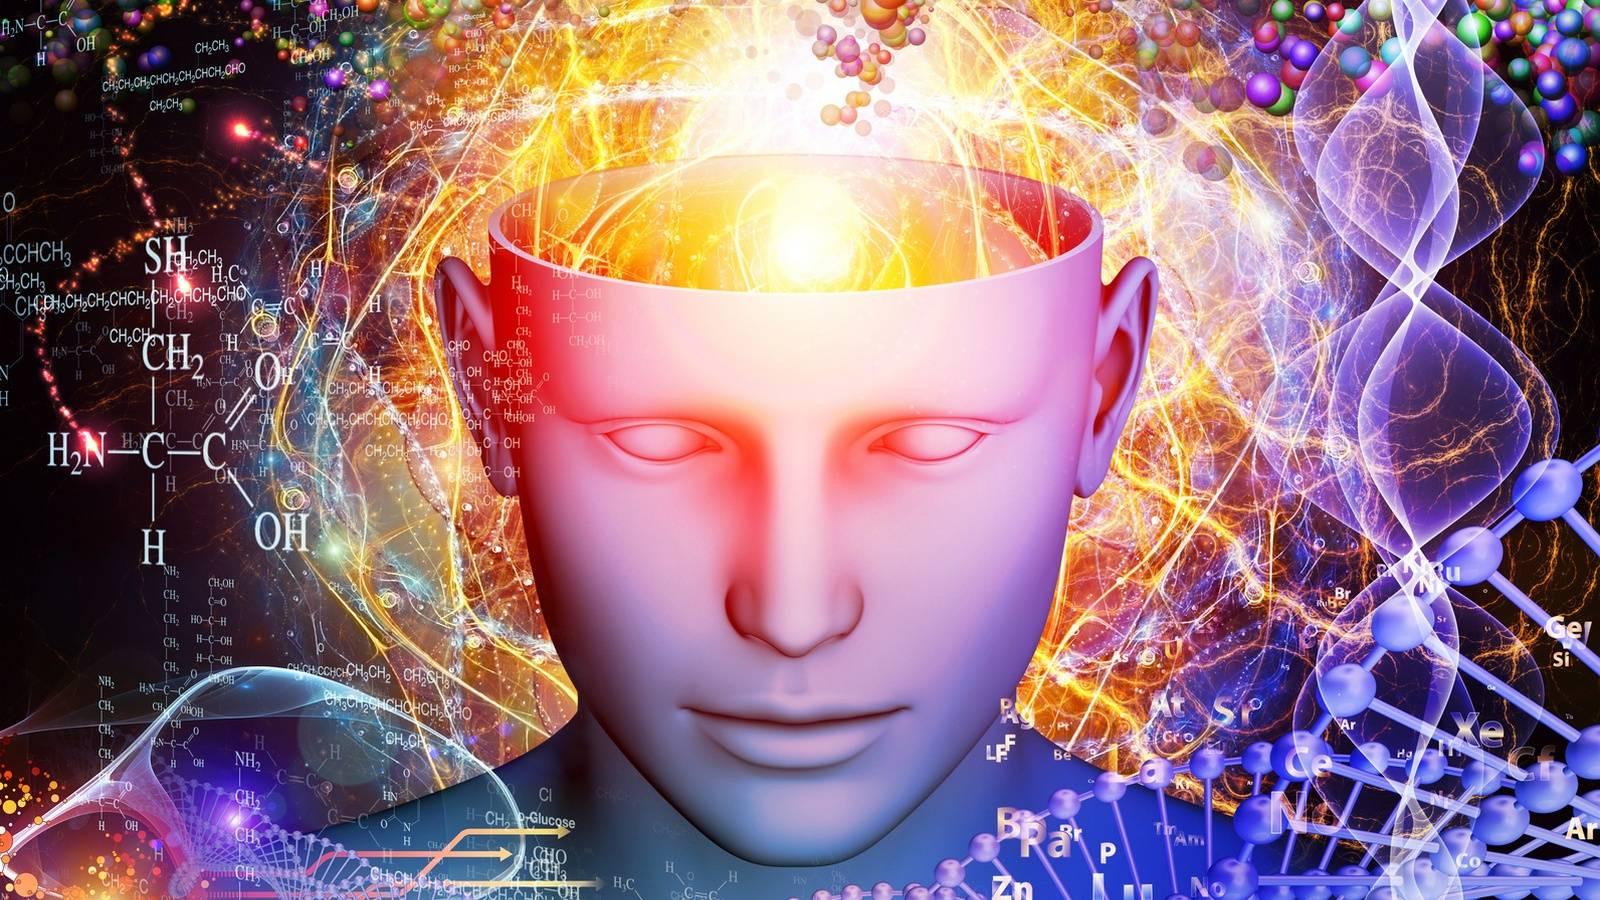 Мозг и генетика. Измерение интеллекта человека